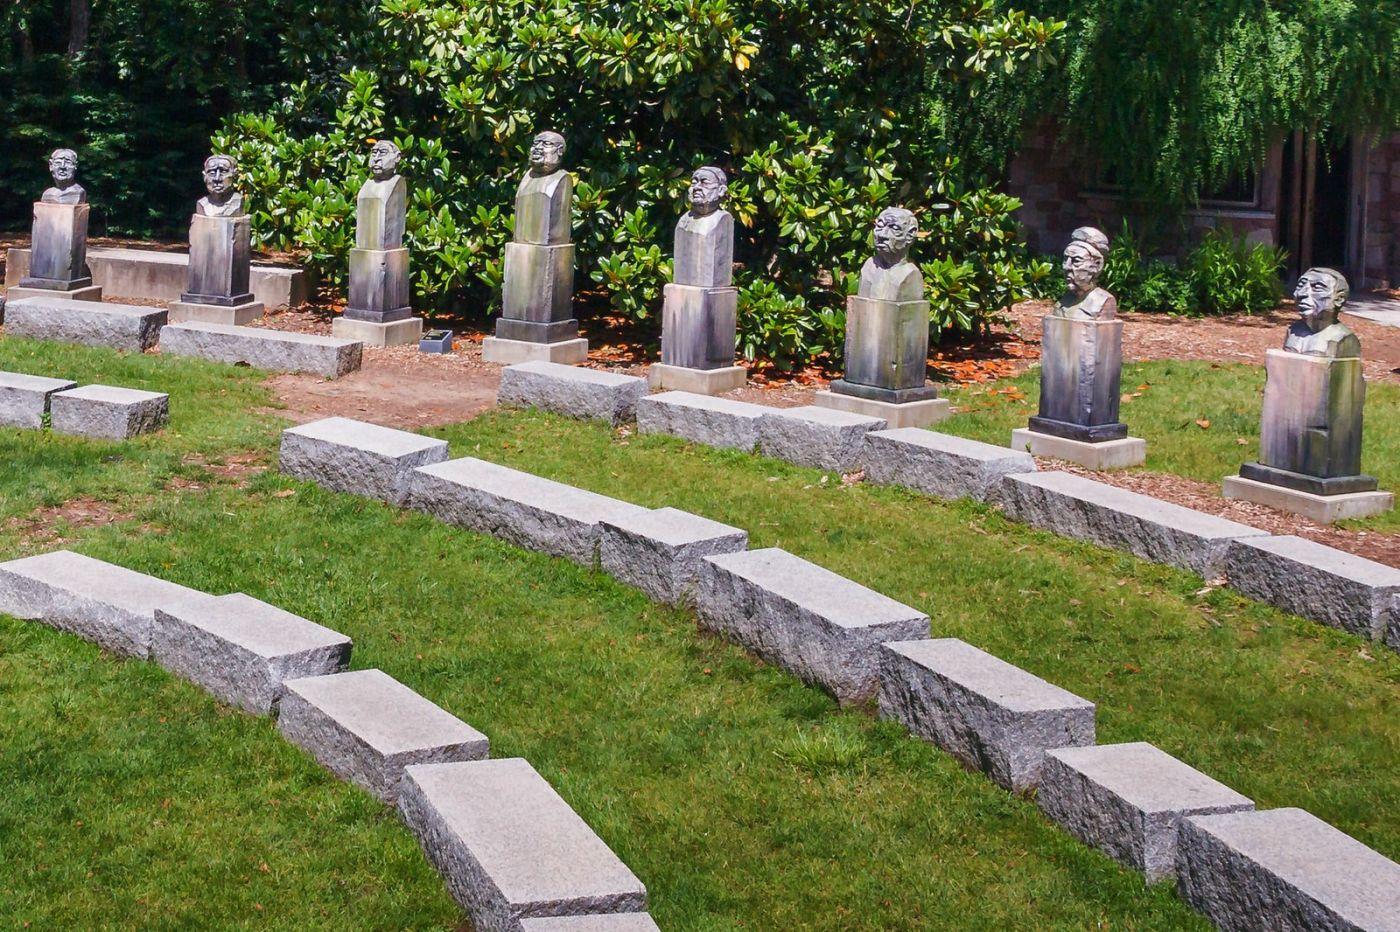 新泽西州雕塑公园(Grounds for scuplture),题材很广_图1-12